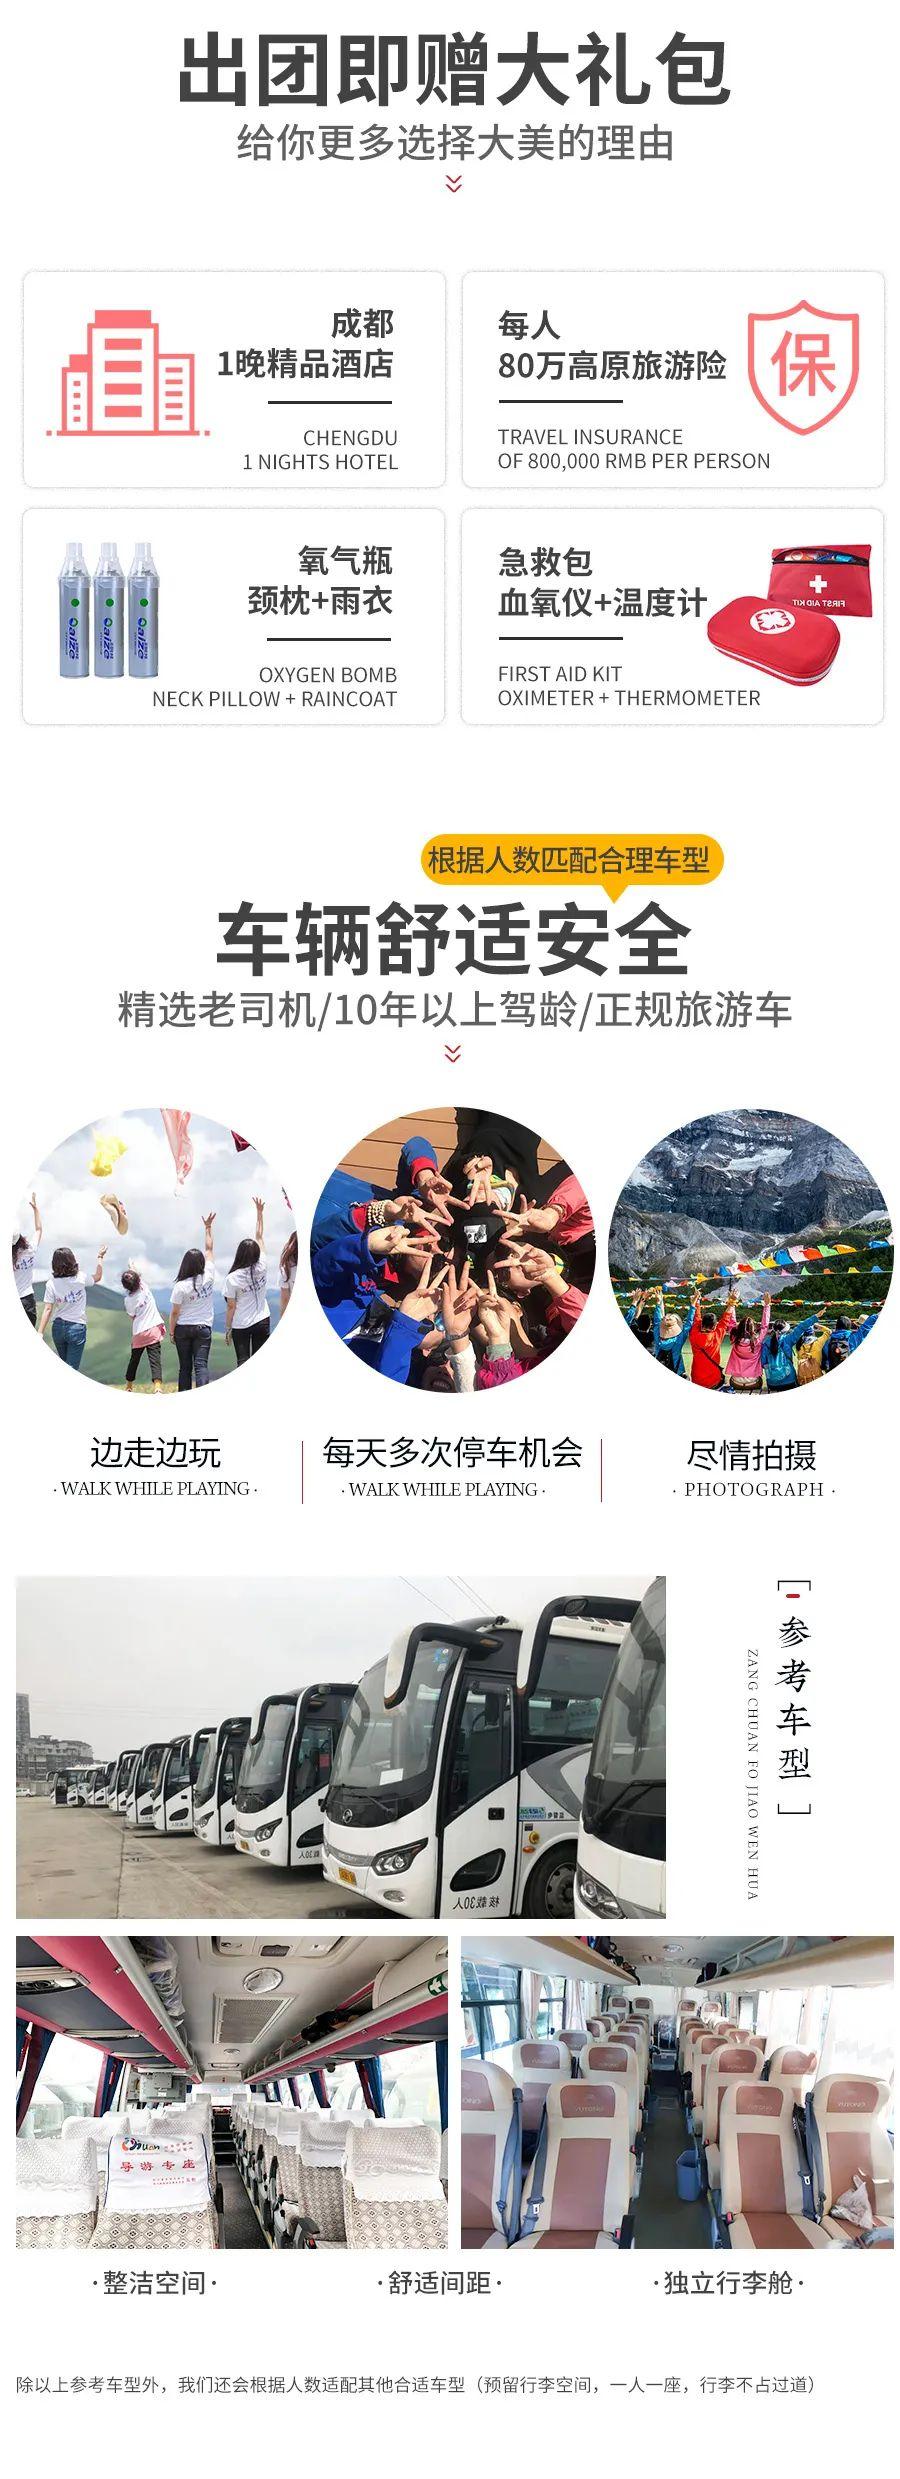 (11)【大美稻亚.8日】2020川西网红大环线-户外活动图-驼铃网